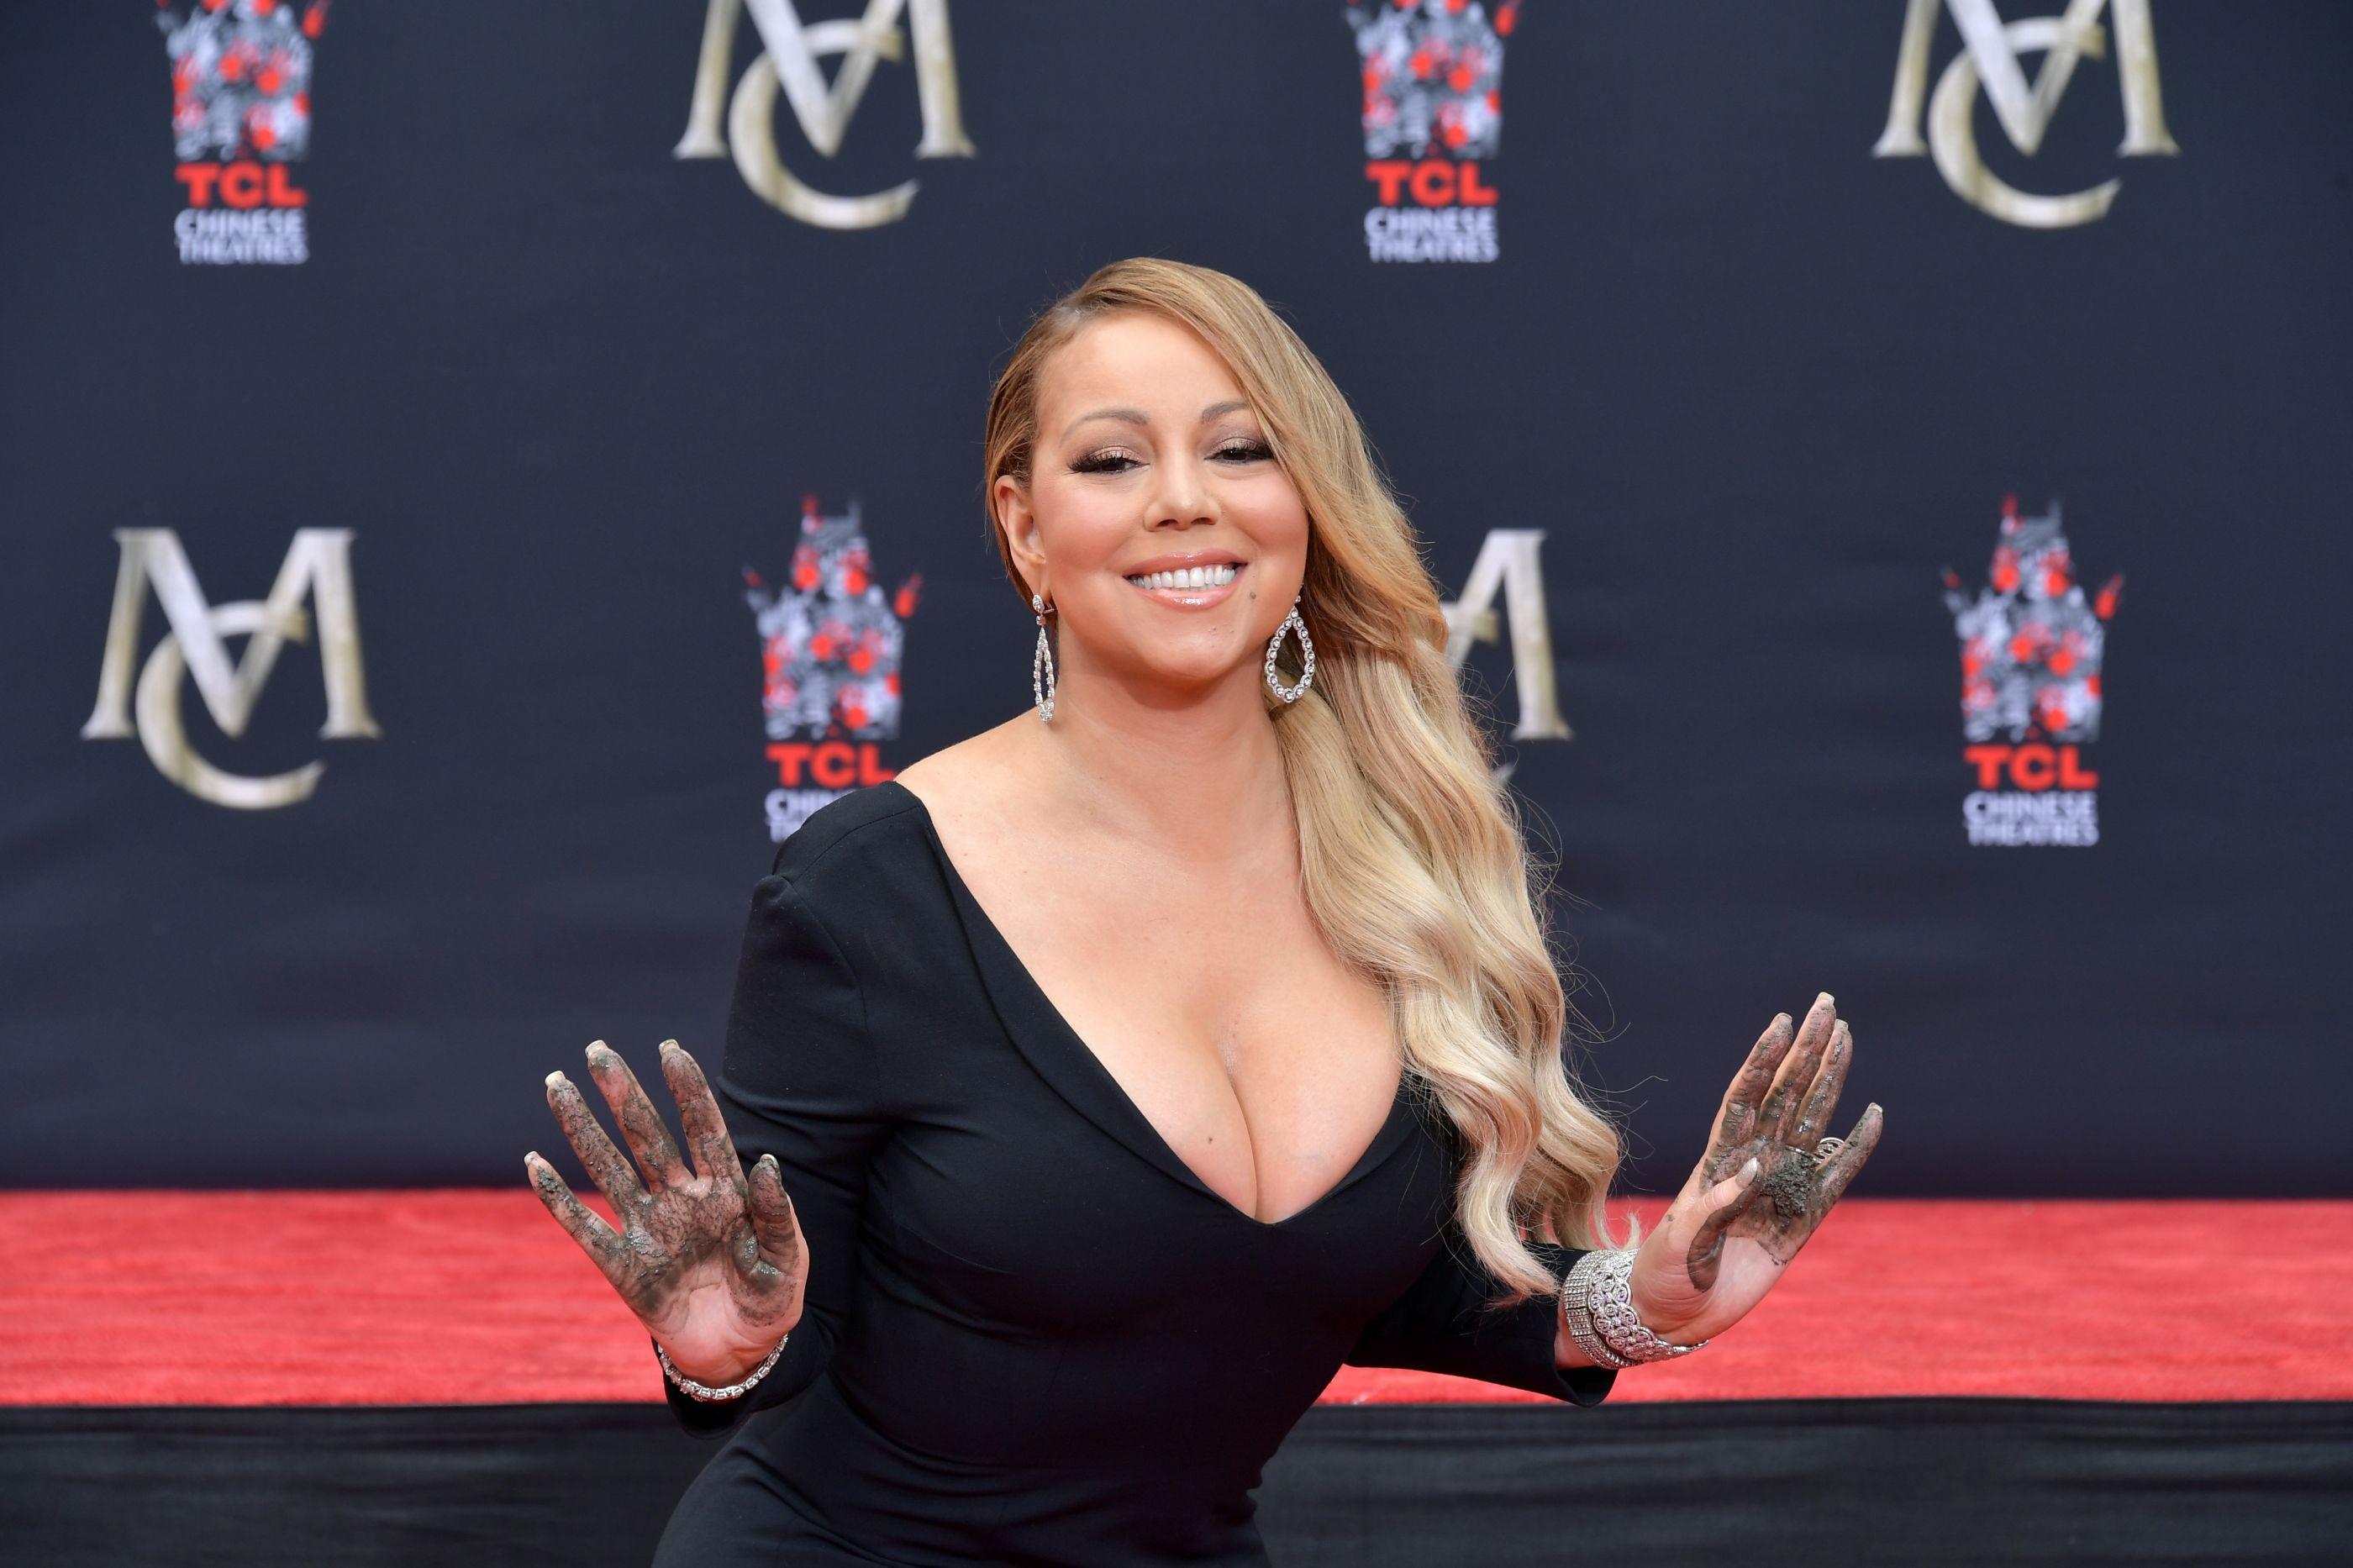 Mania de diva? Funcionários queixam-se das exigências de Mariah Carey